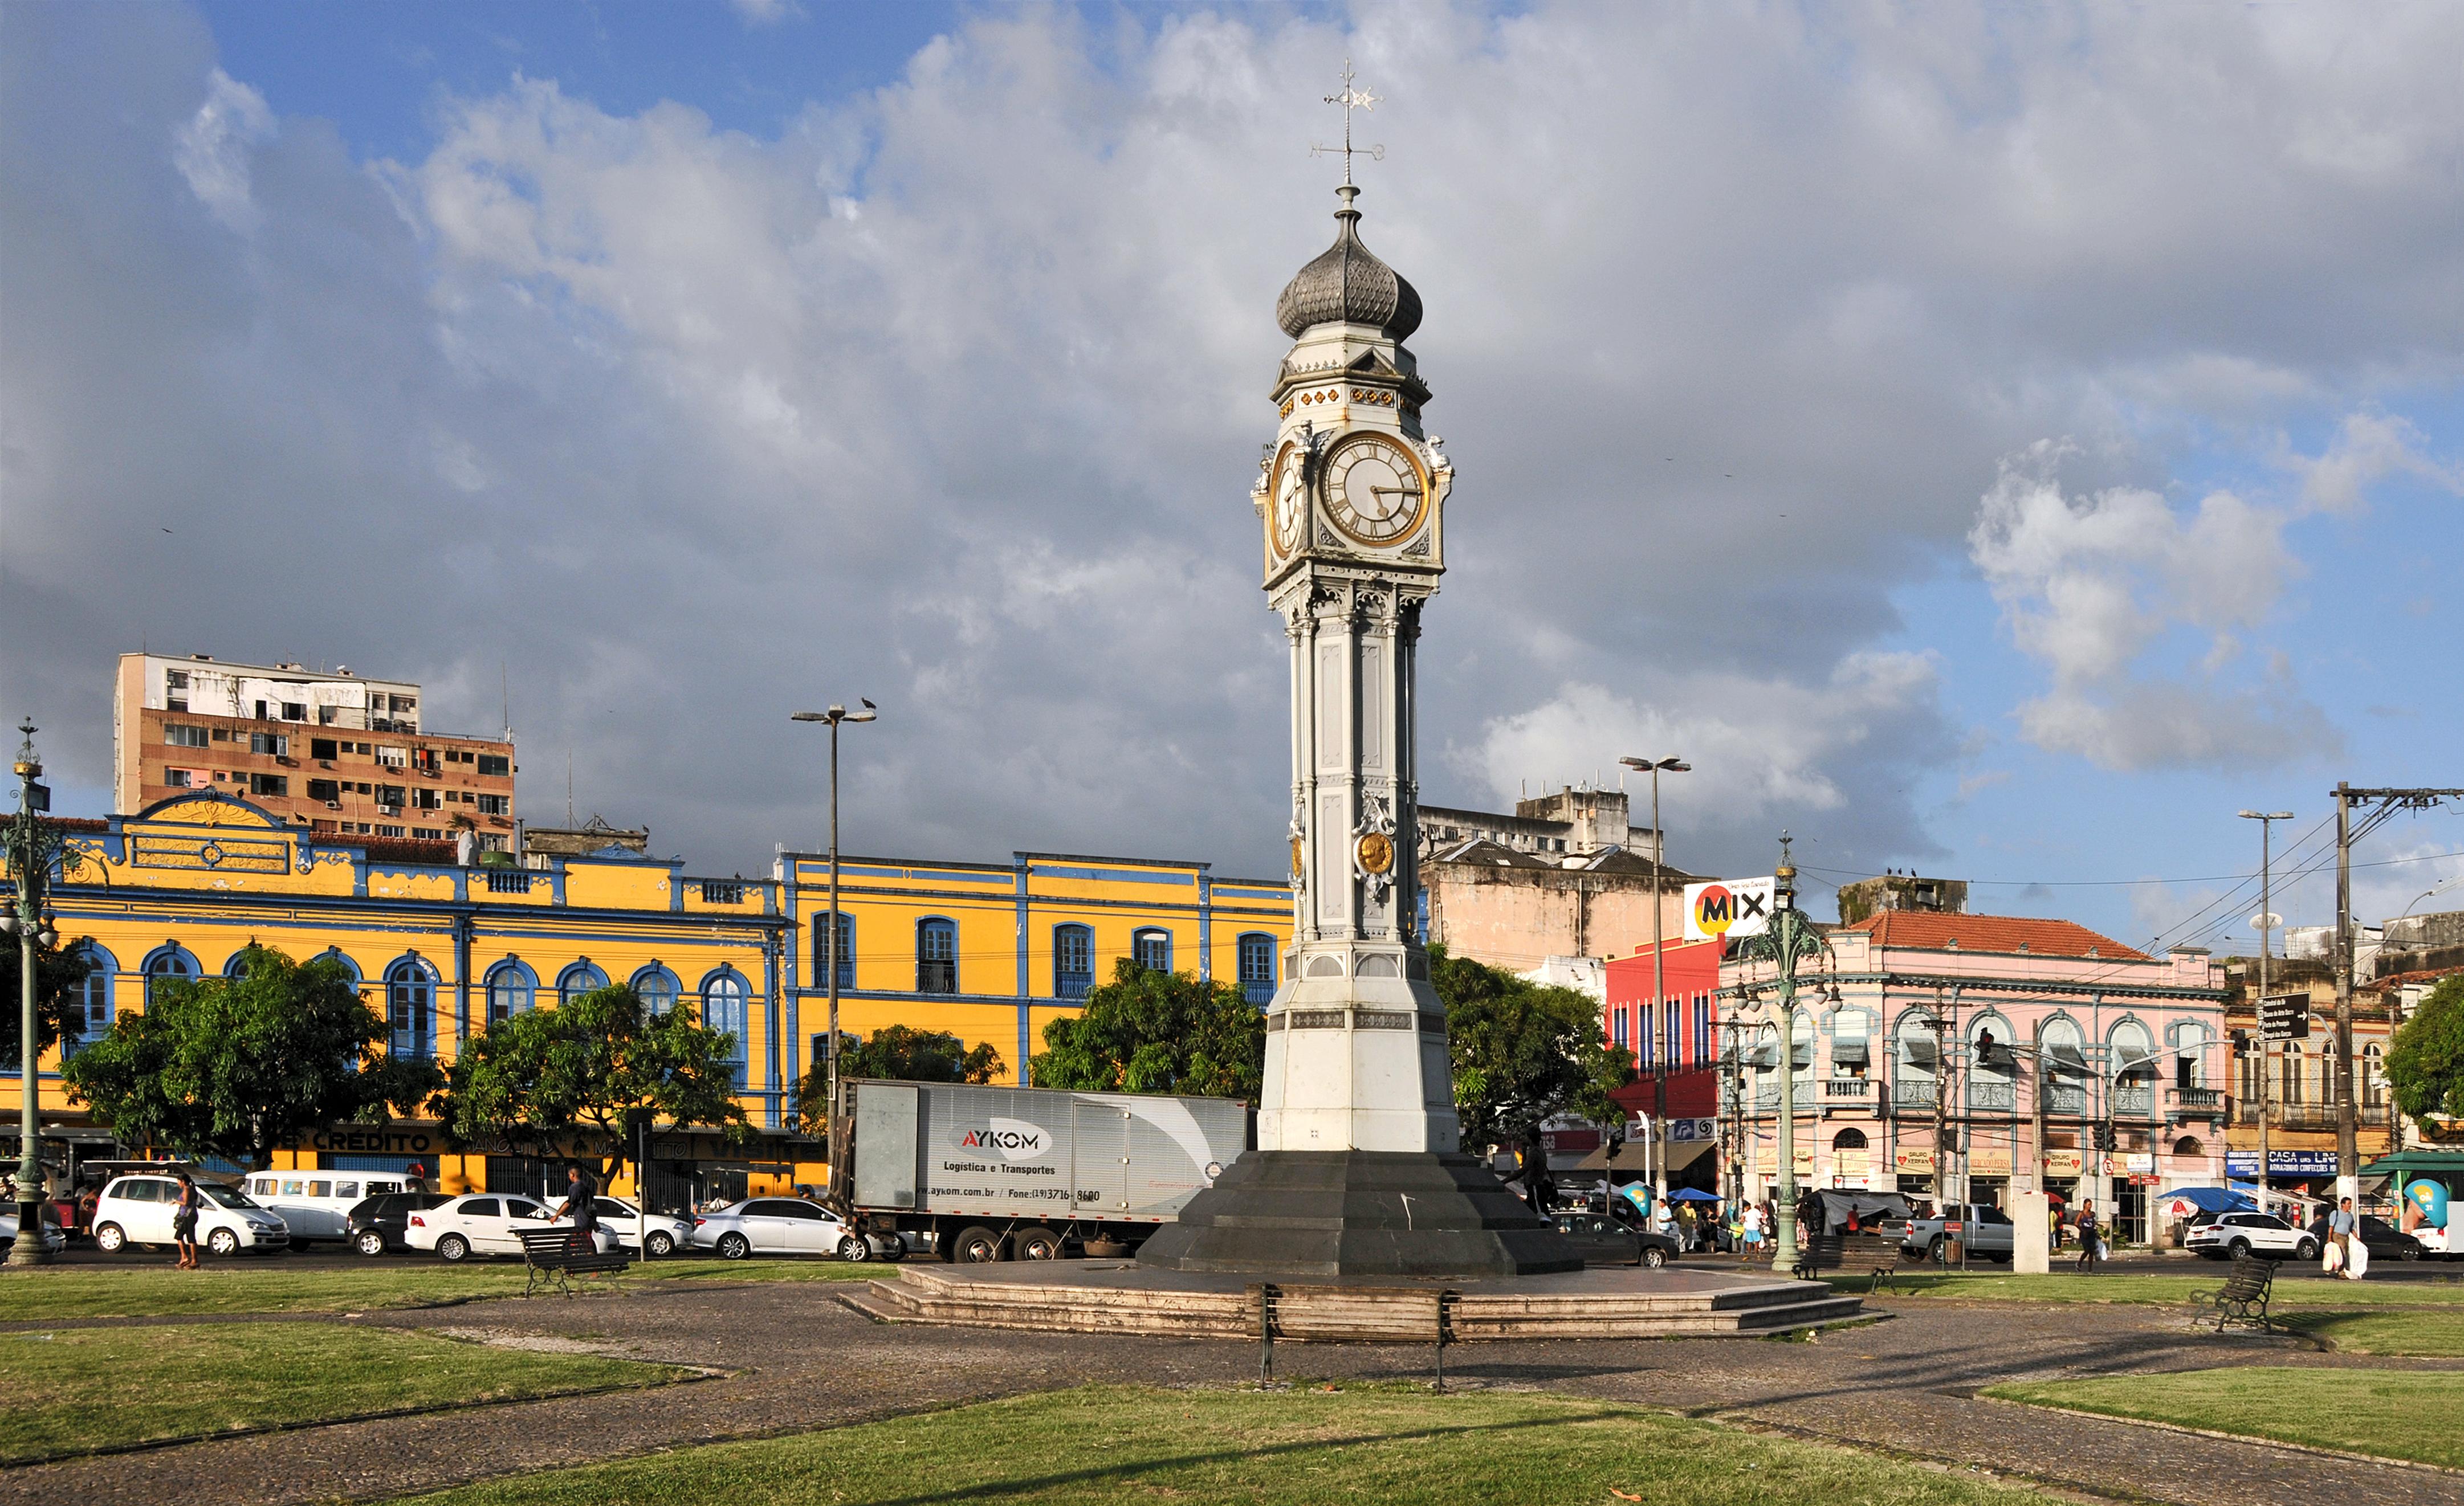 Economie en Guyane: Un Bootcamp pour sensibiliser les entreprises guyanaises à l'export au Brésil